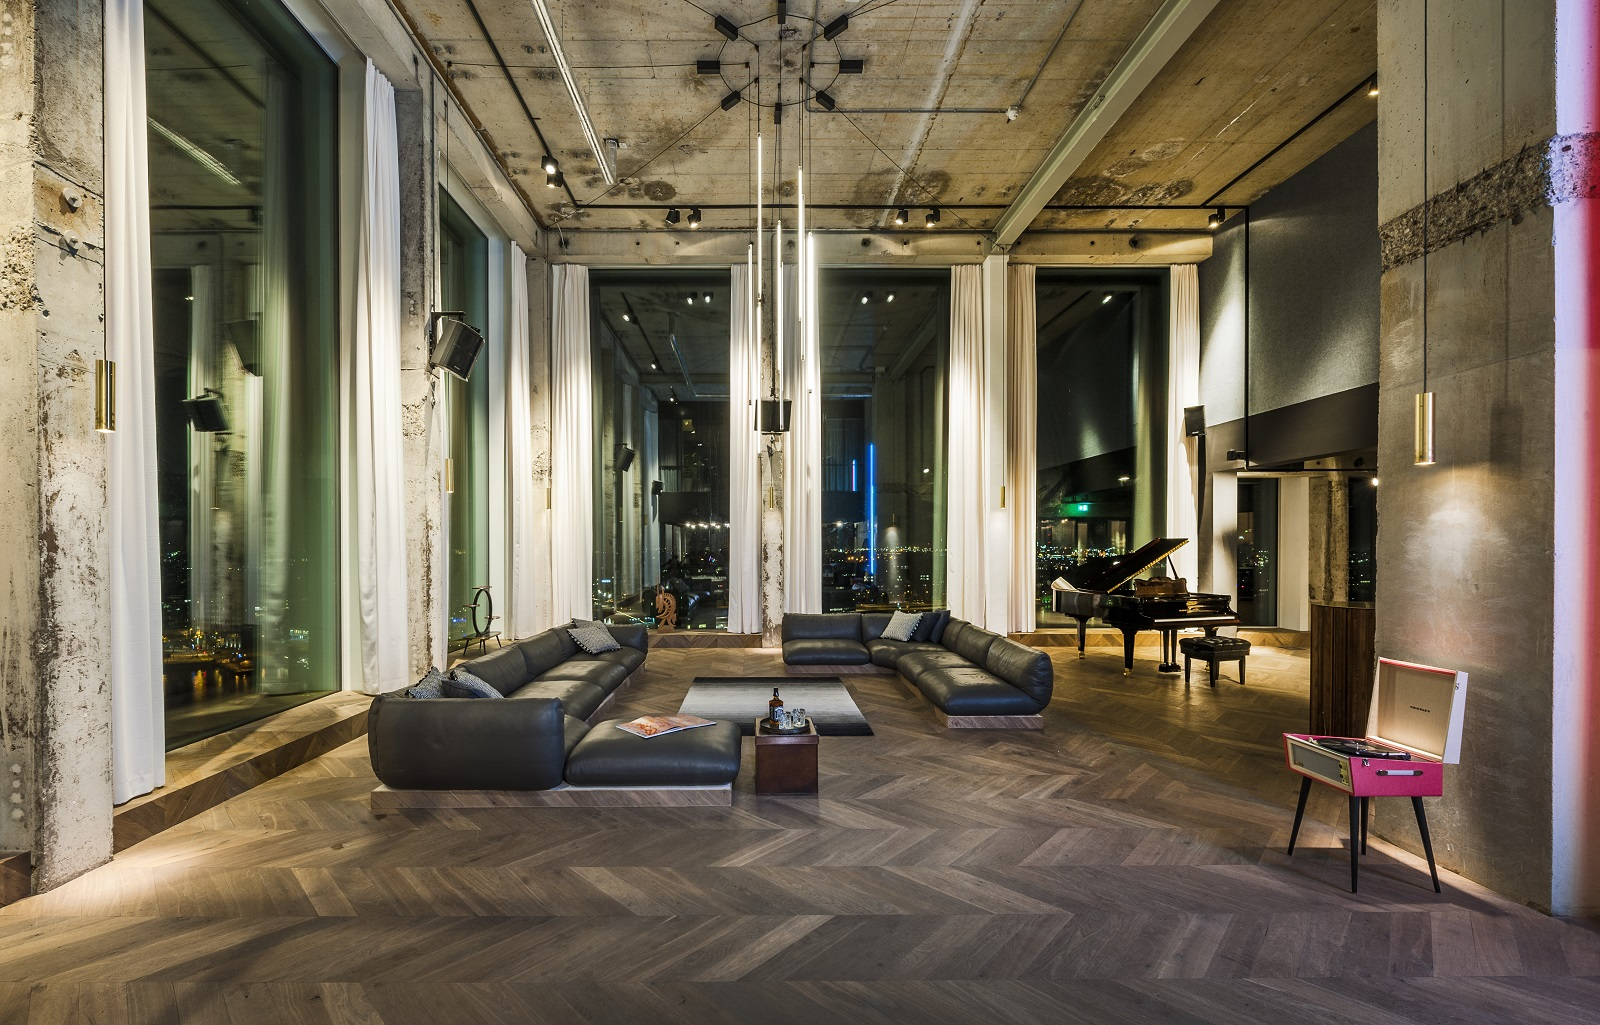 26_Adam_The_Loft_Amsterdam_interior-design-by-TANK_Tommy-Kleerekoper_Sanne-Schenk_Photography-by-Teo-Krijgsman_0361.jpg